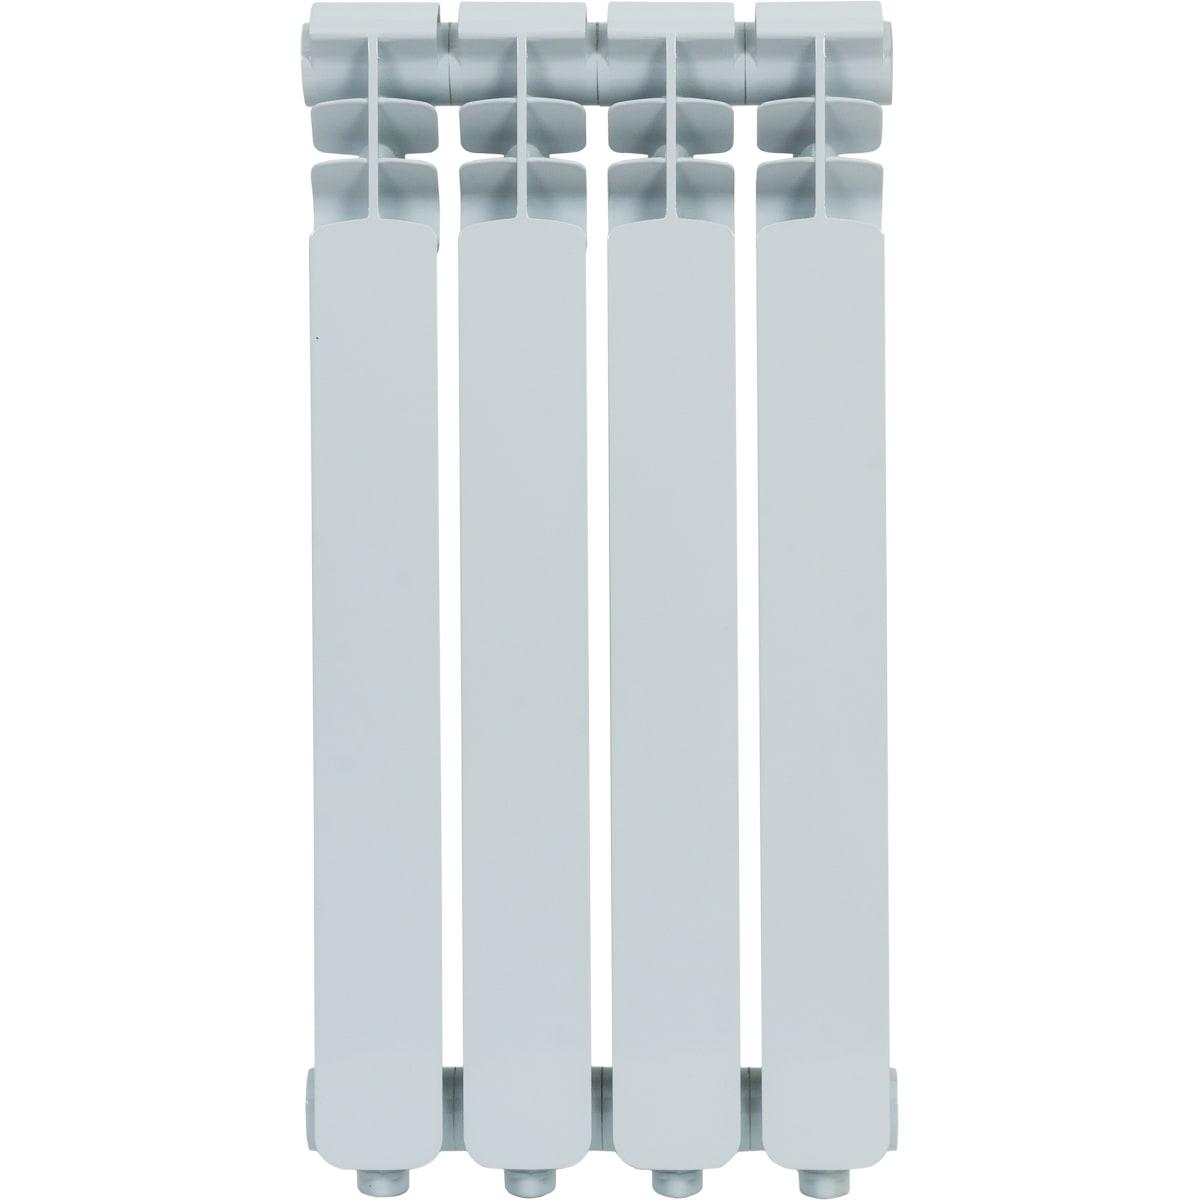 Радиатор Monlan 500/70, 4 секции, алюминий